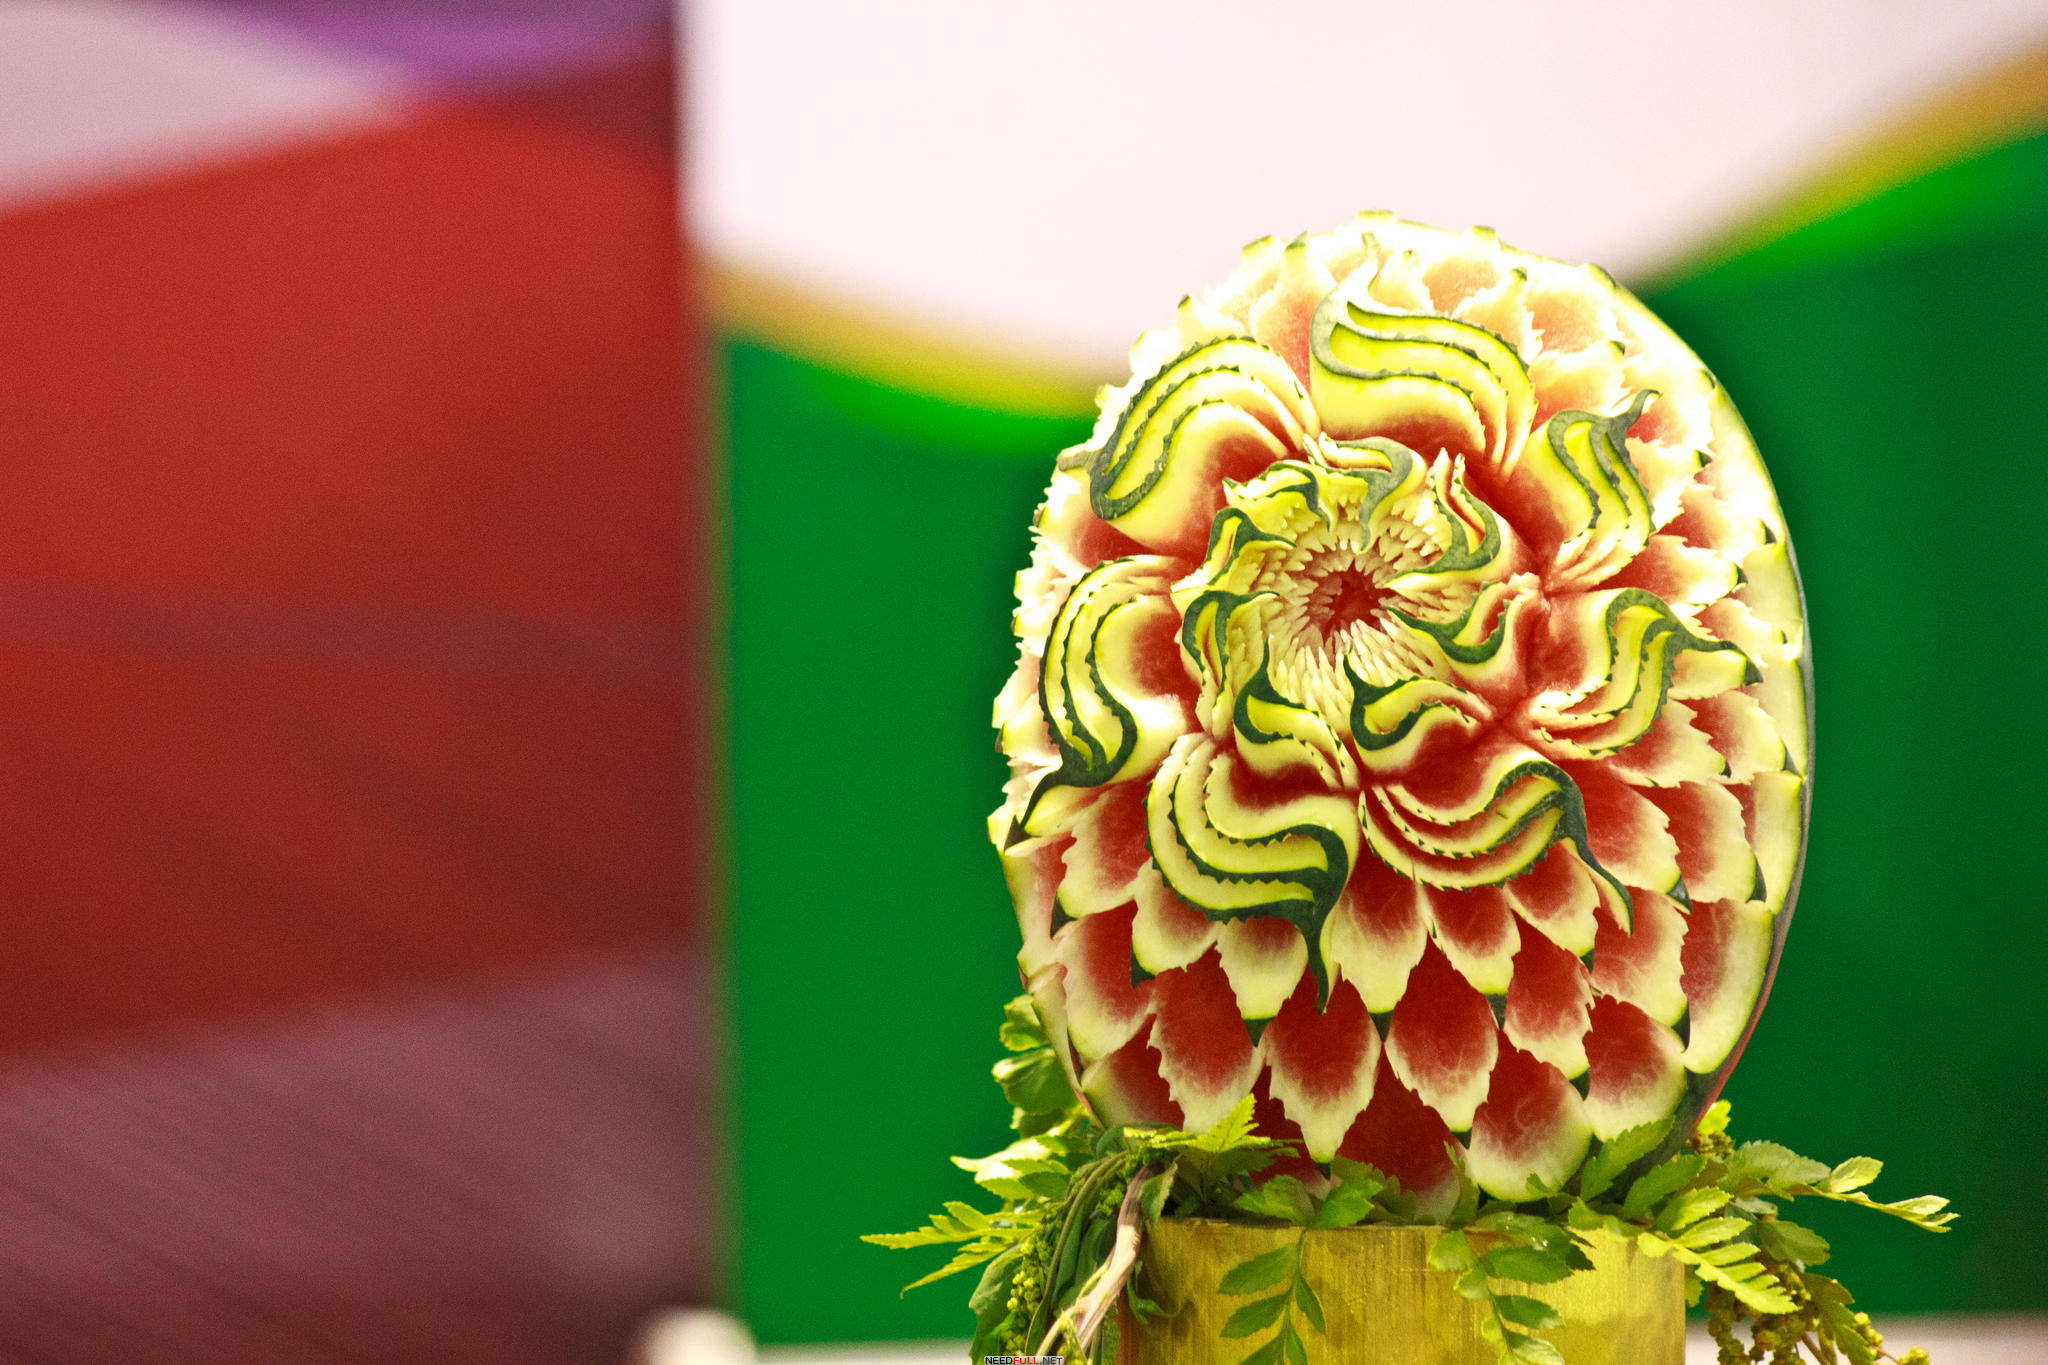 Идеи для дизайна – Резьба по арбузу. Красивые фигуры из арбуза [41шт]